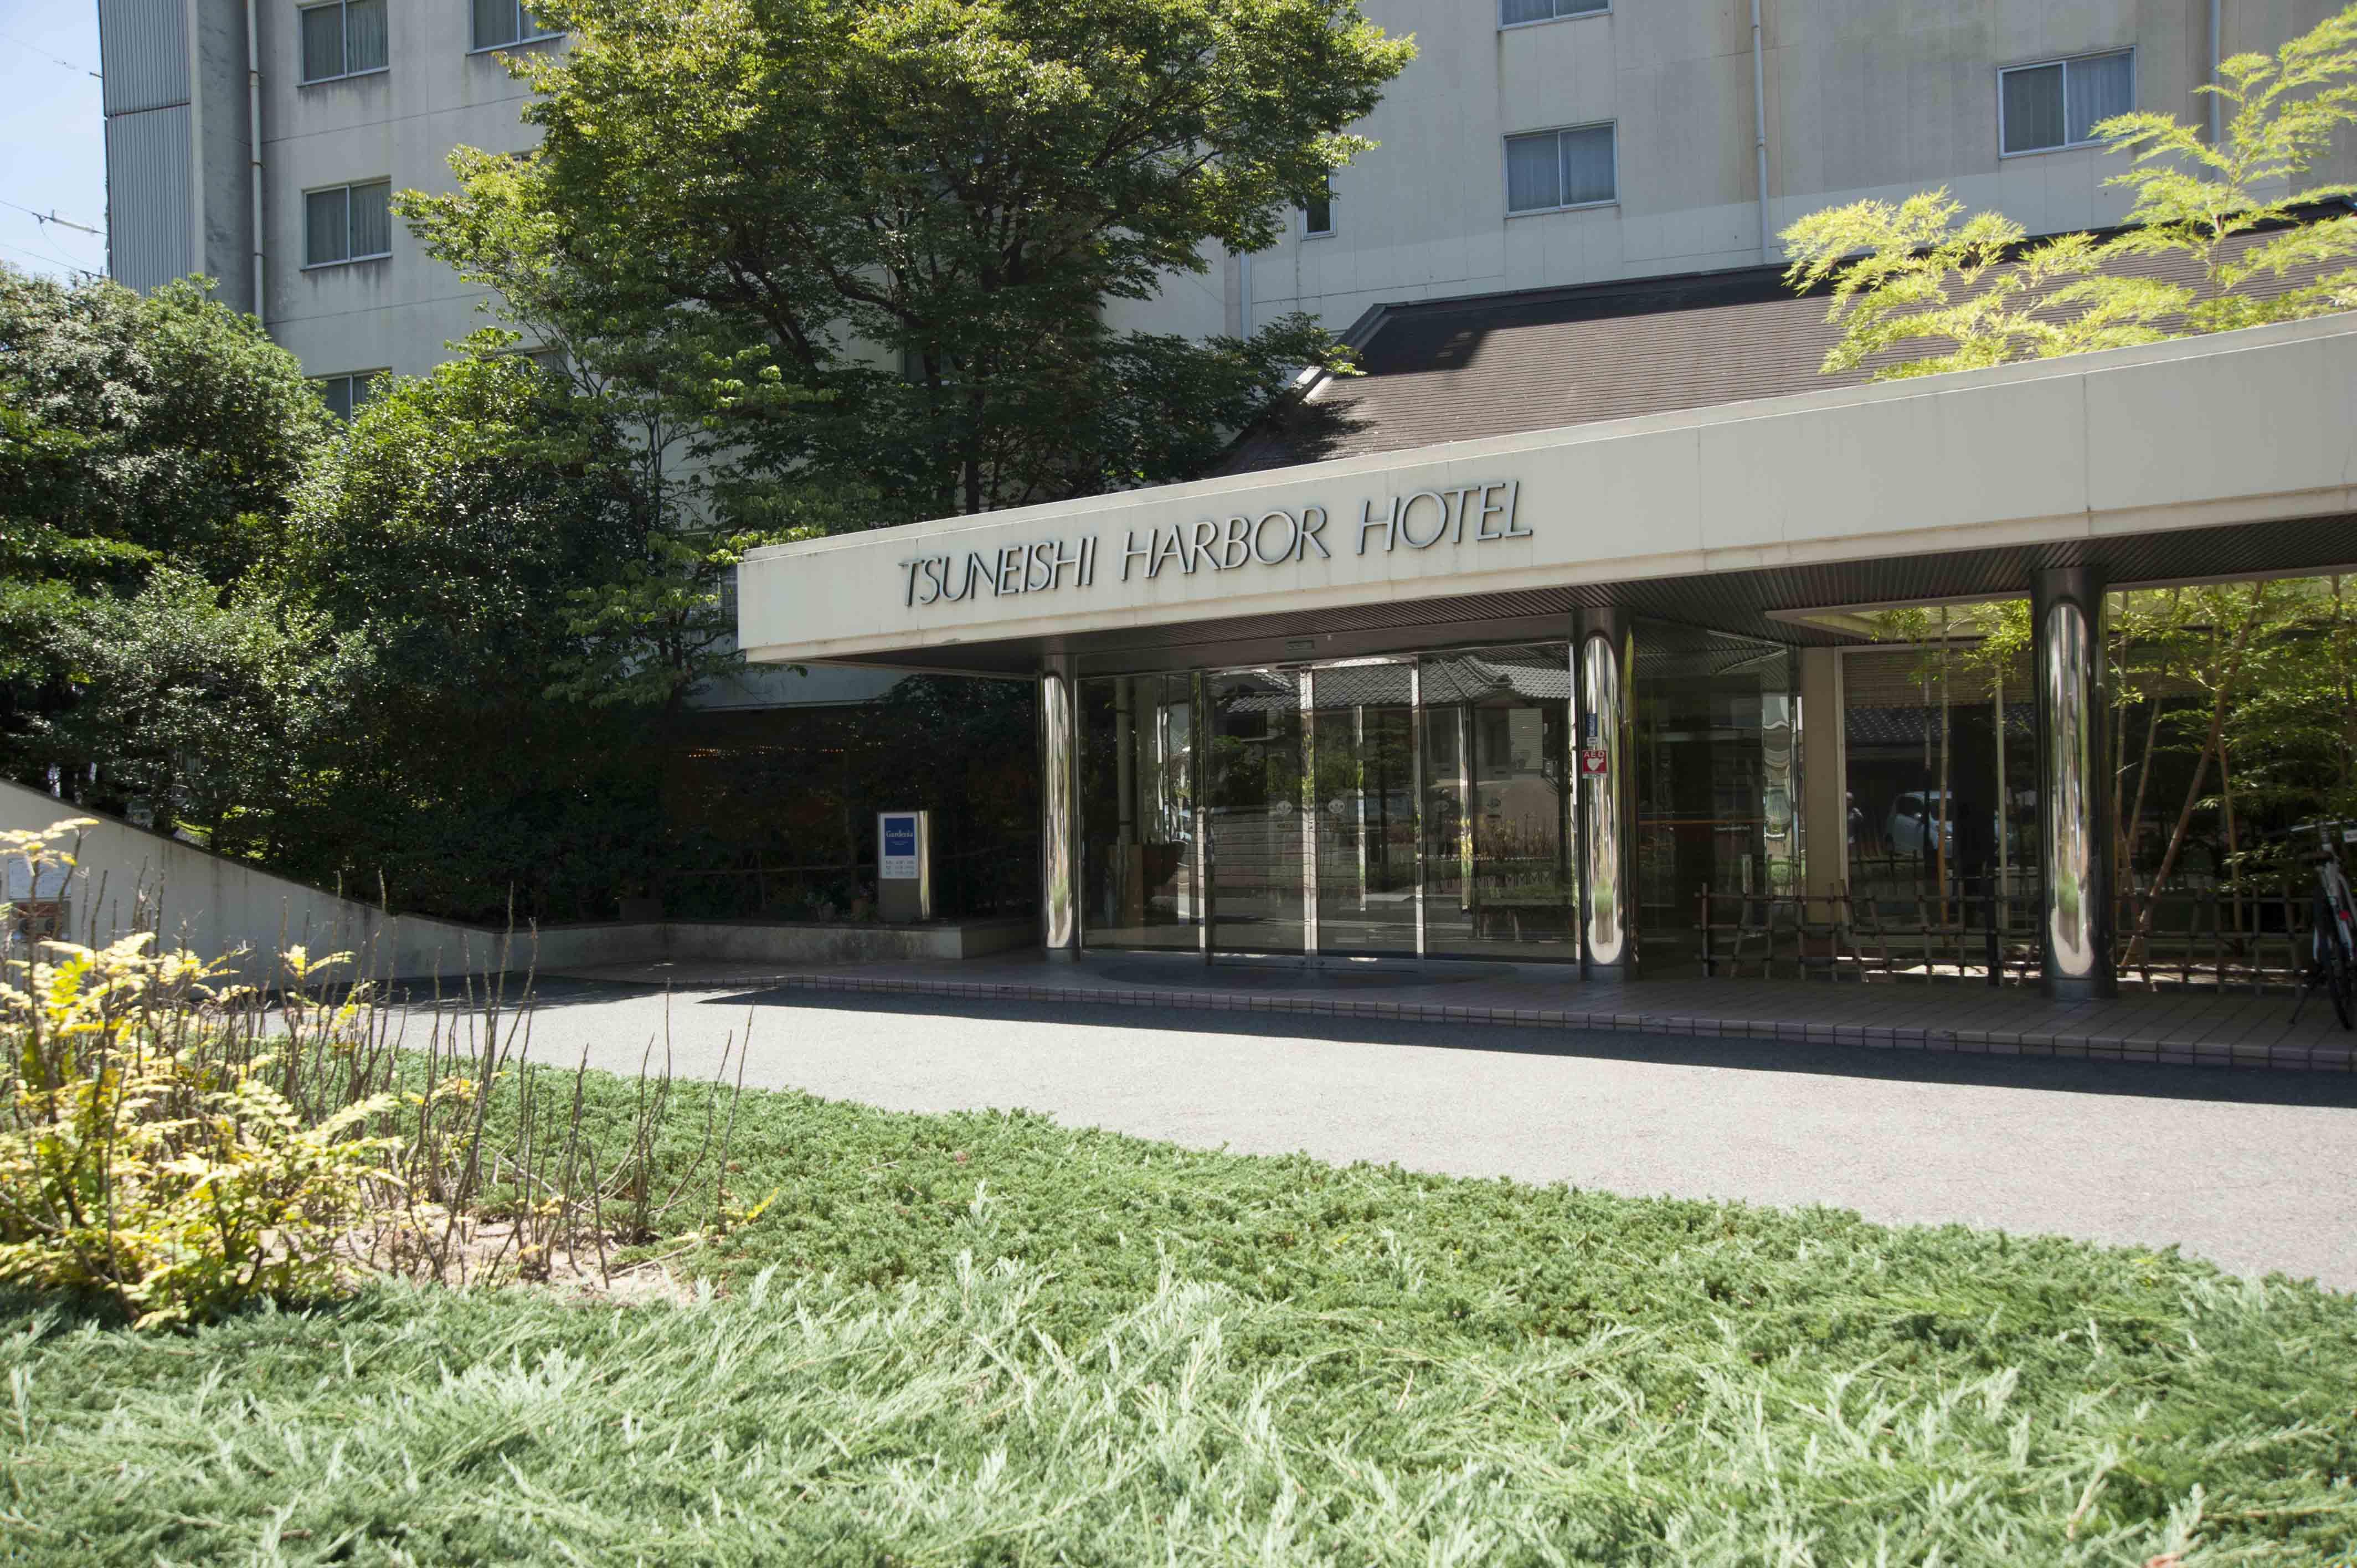 鞆の浦、尾道、みろくの里の観光に最適な「常石ハーバーホテル」